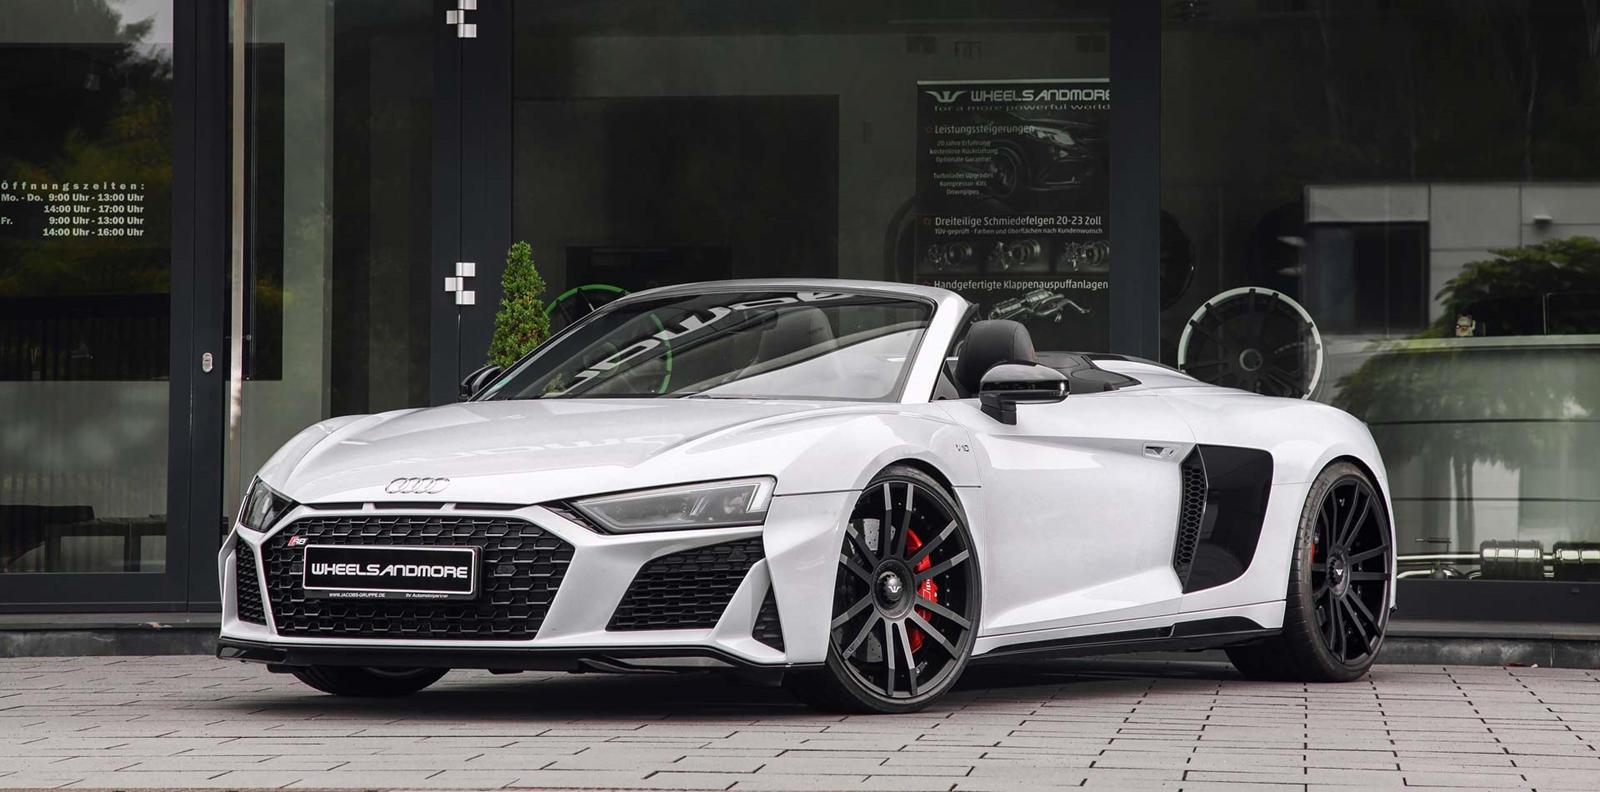 Kelebihan Kekurangan Audi Sr8 Top Model Tahun Ini